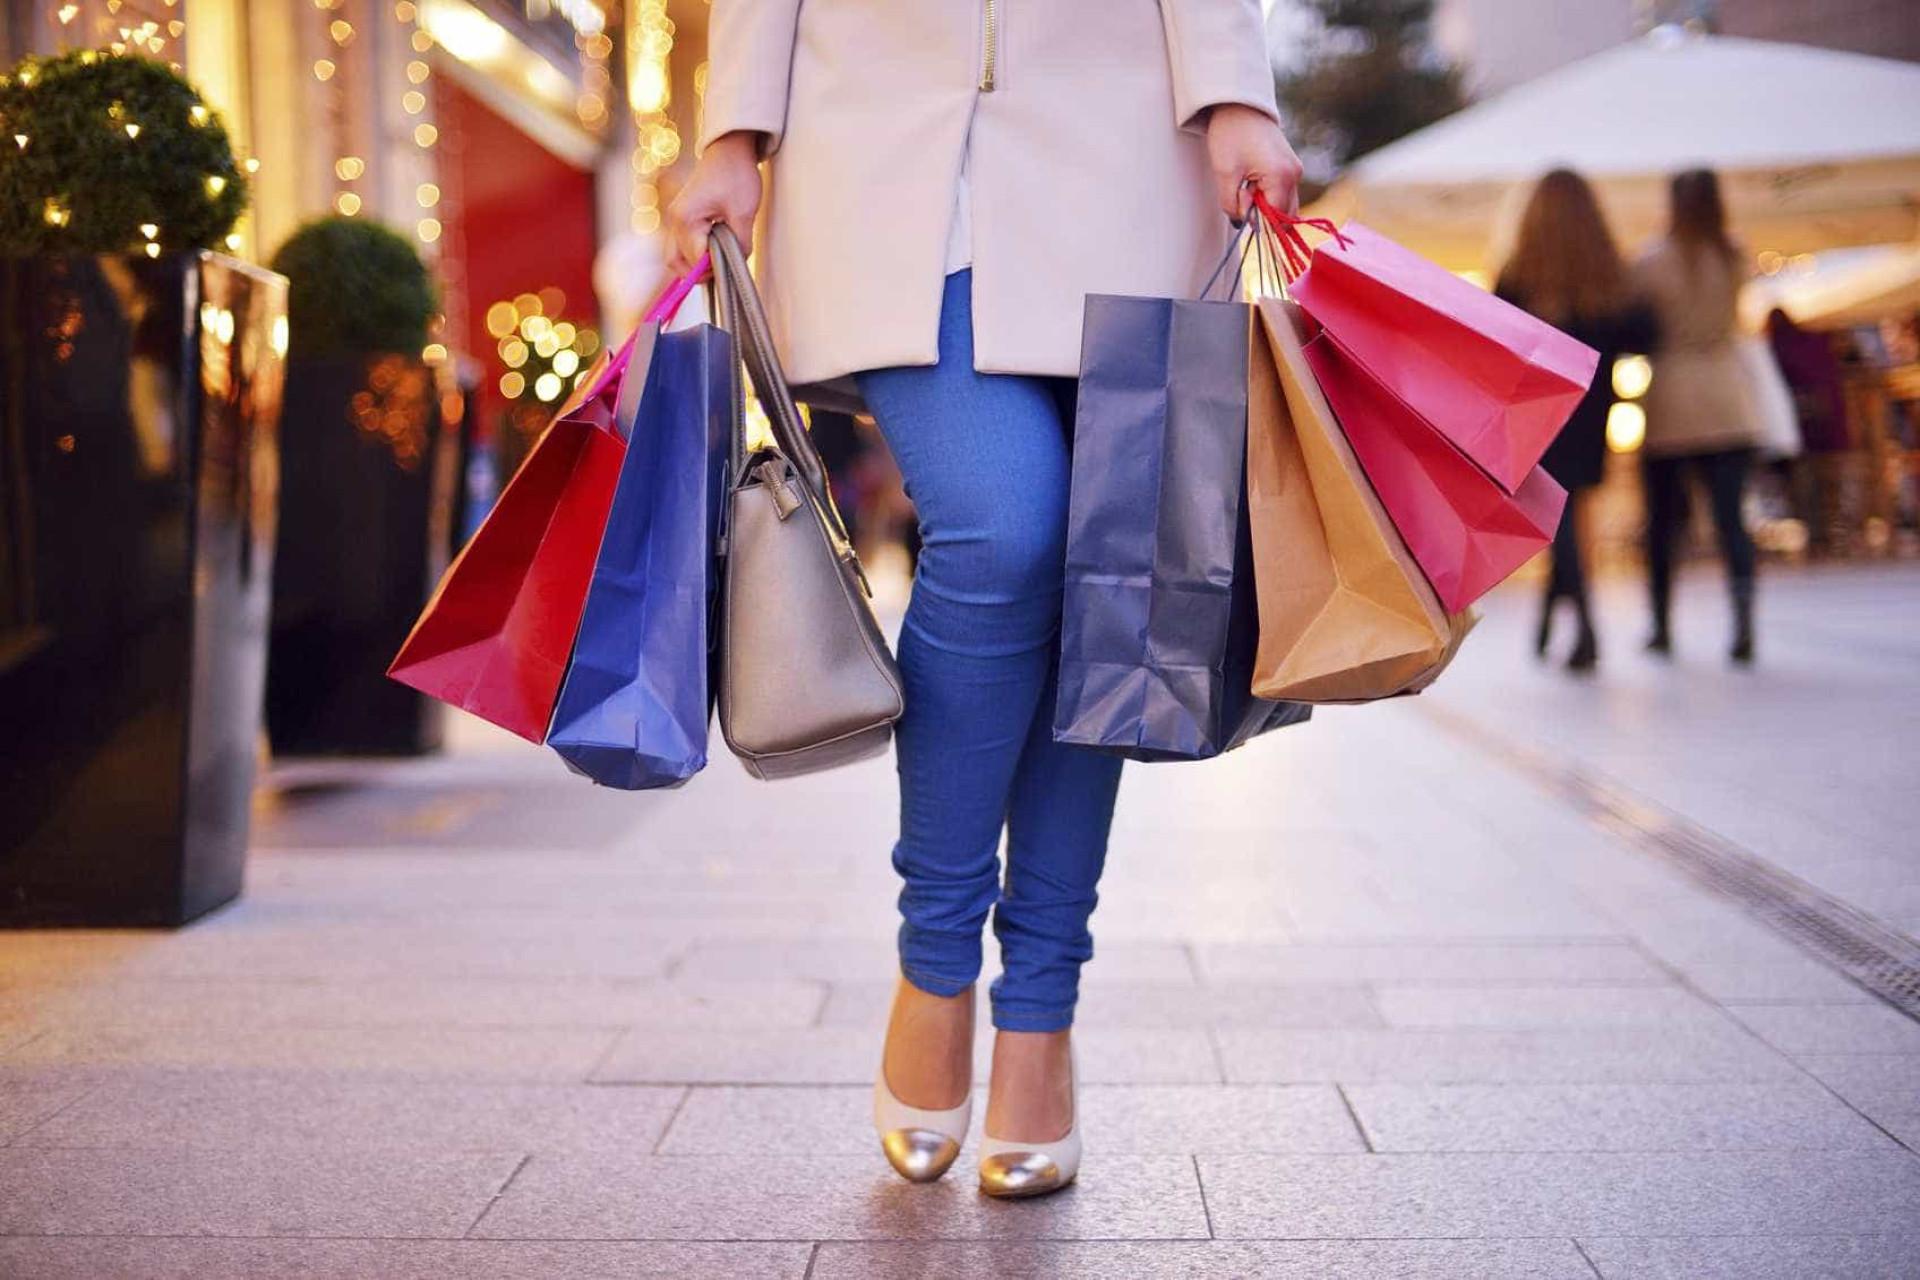 Eis os truques utilizados pelas lojas para o fazerem gastar mais dinheiro